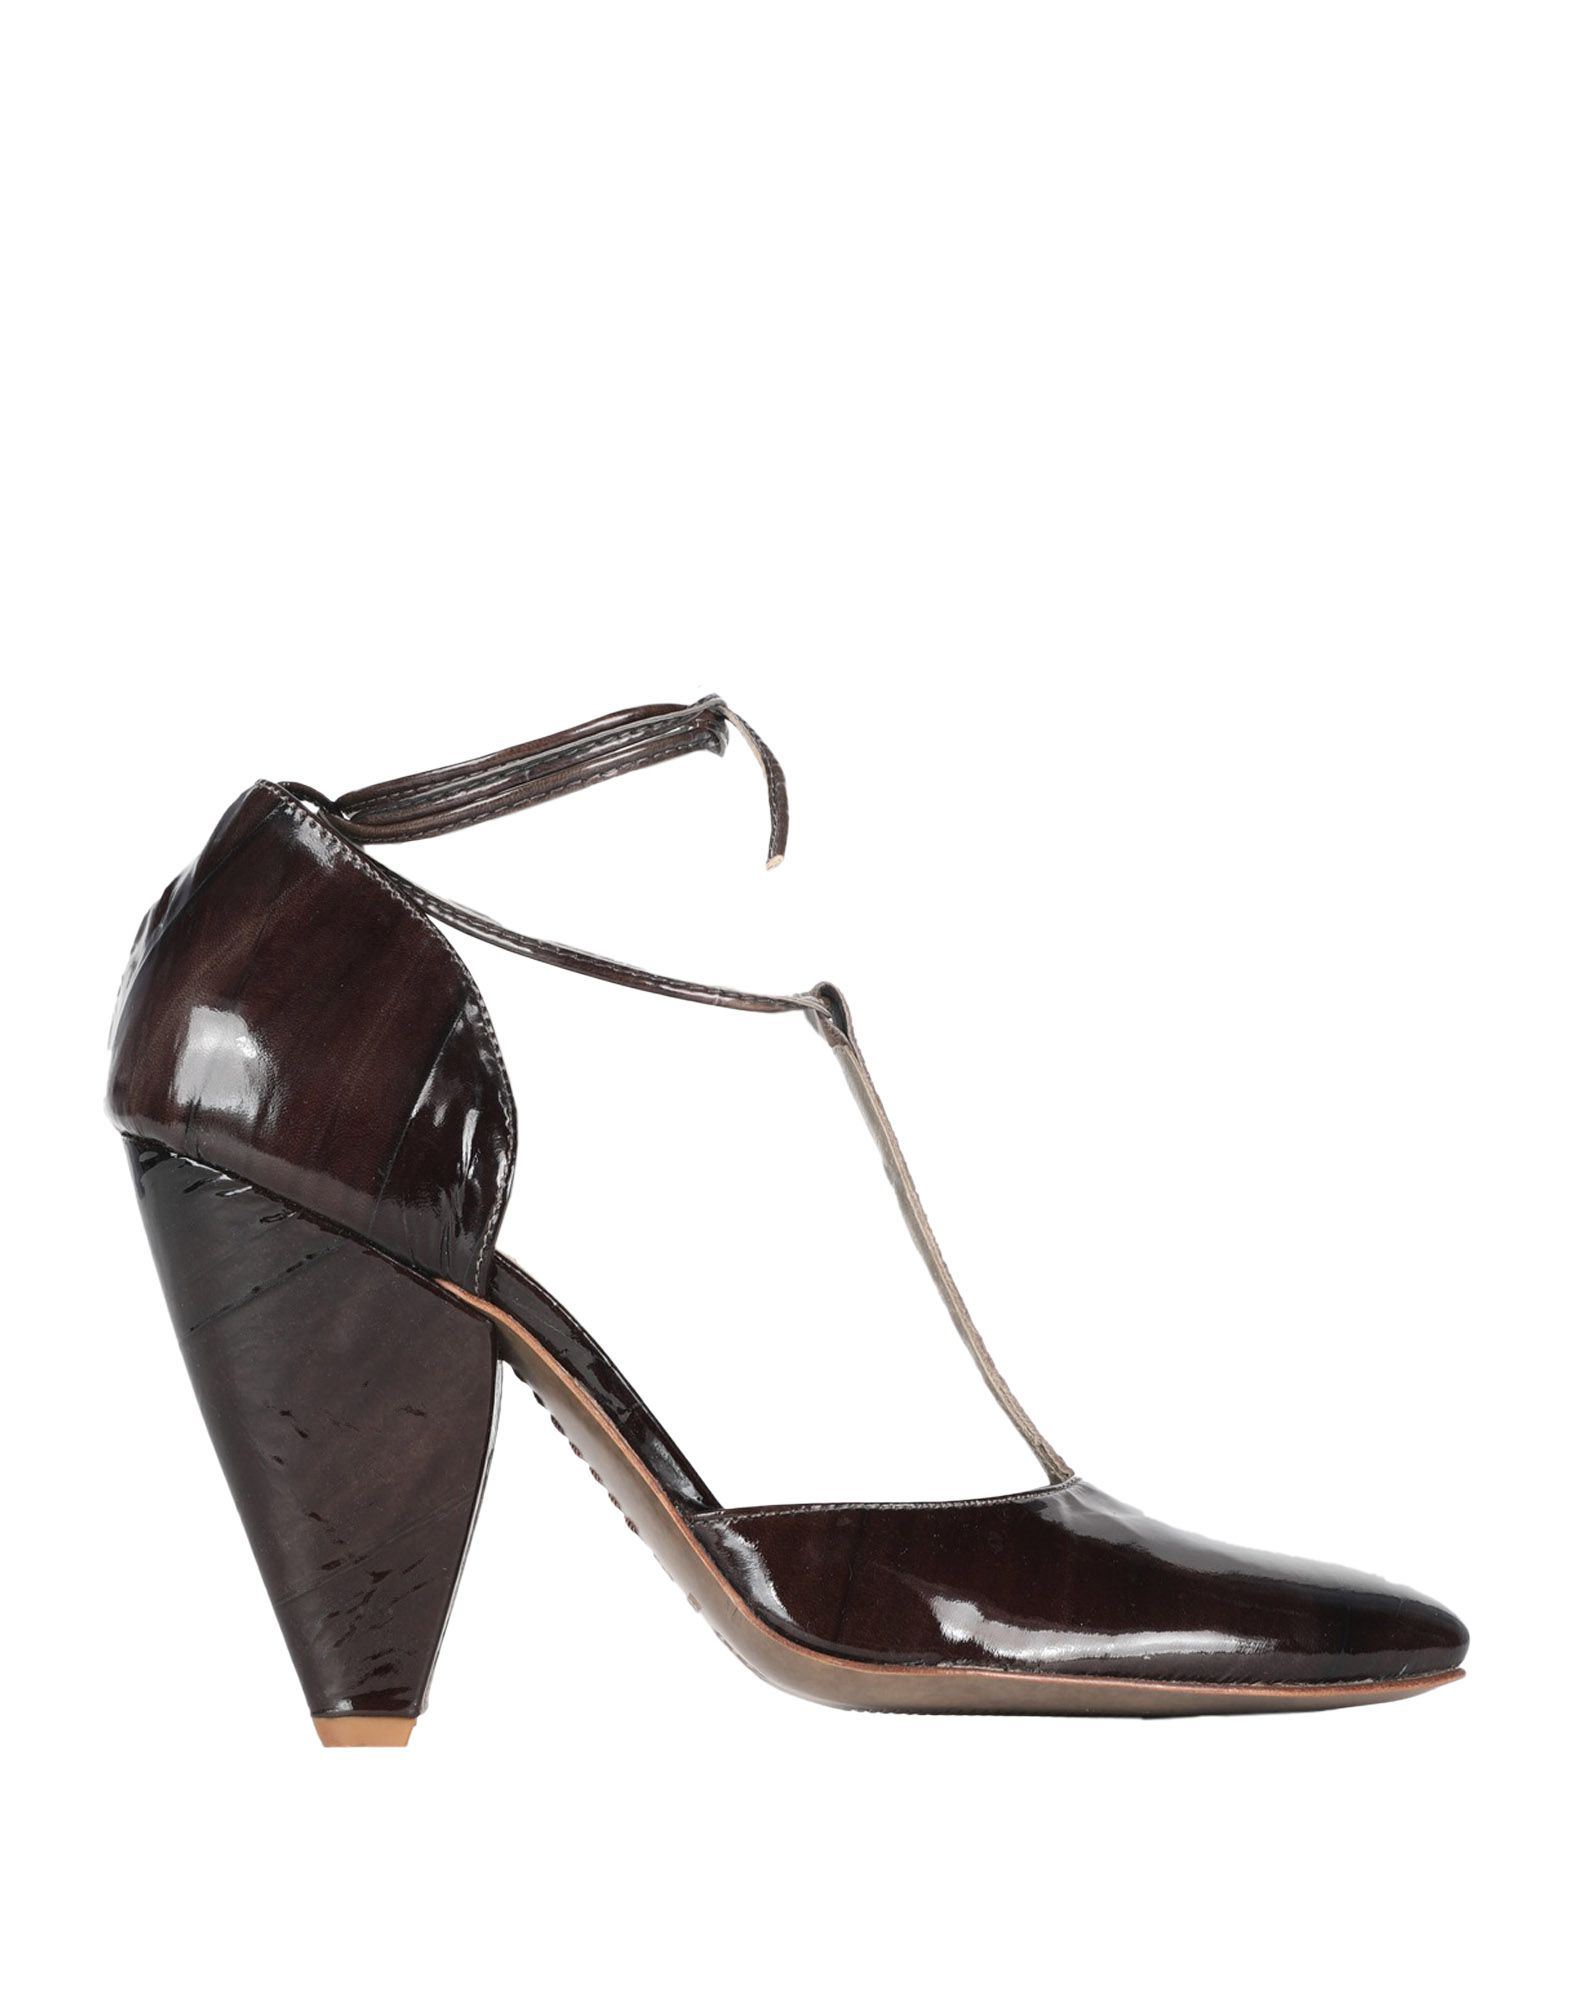 Escarpins Garrice Femme - Escarpins Garrice Moka Nouvelles chaussures pour hommes et femmes, remise limitée dans le temps